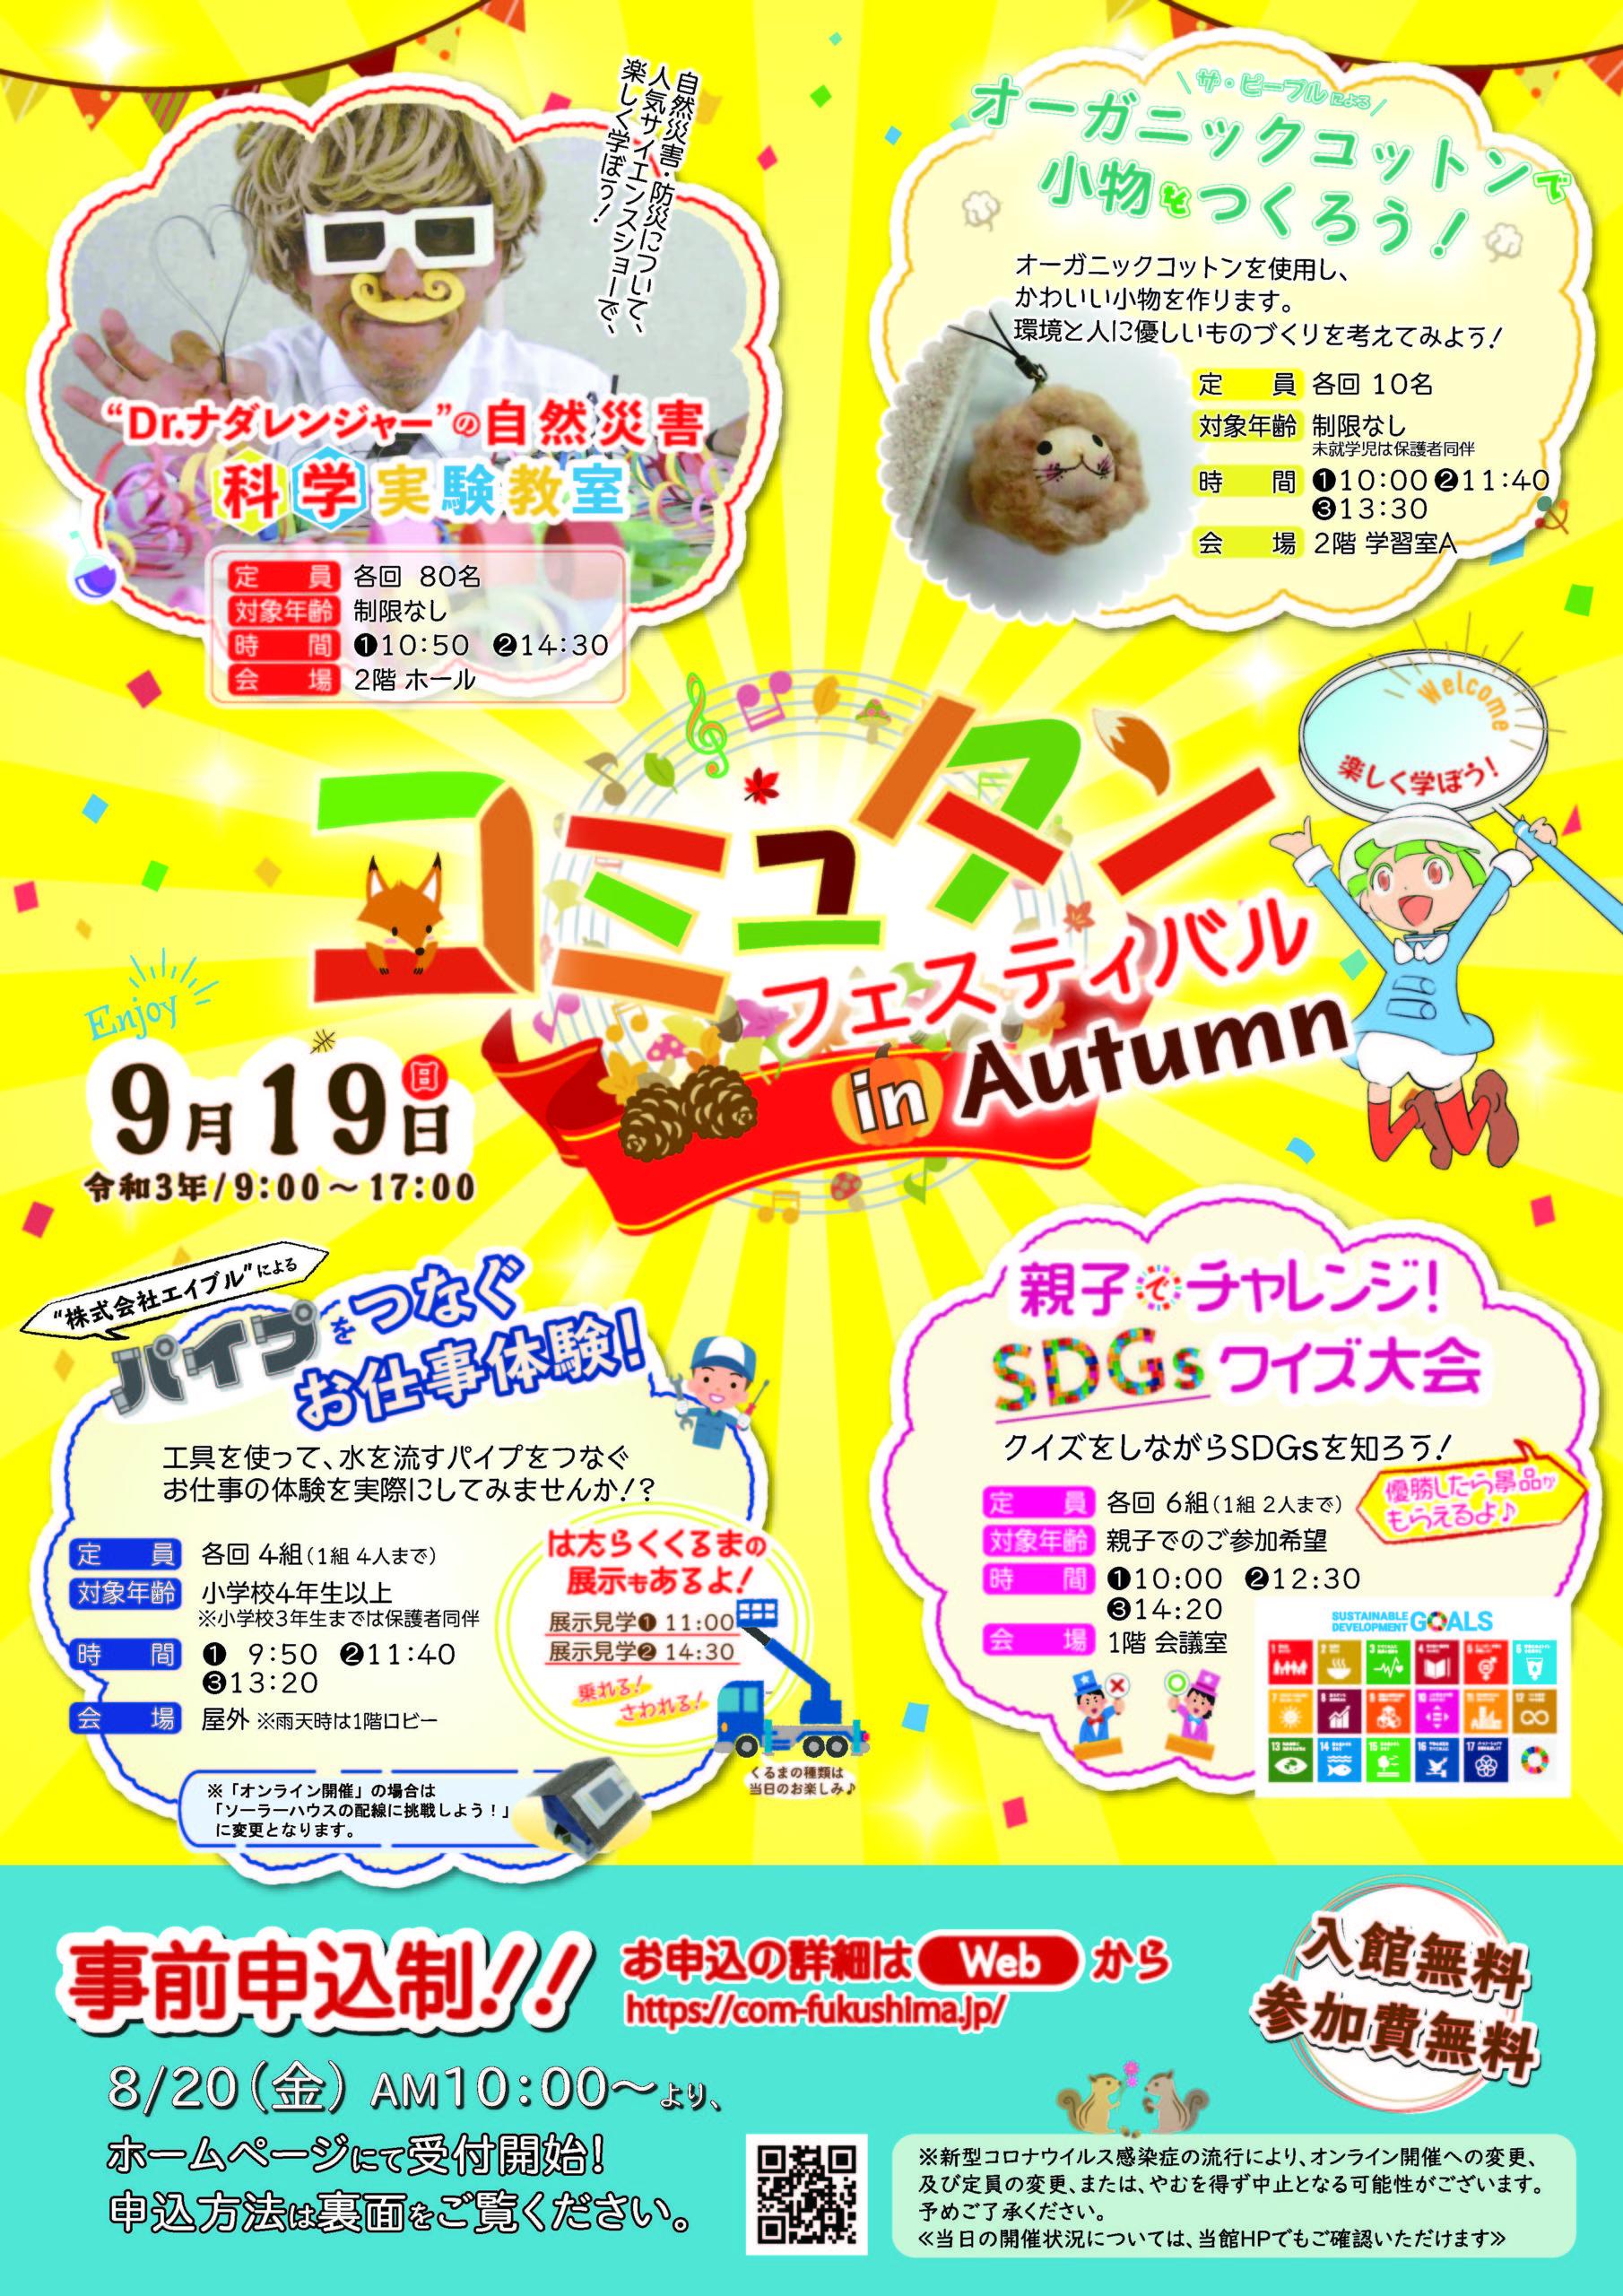 コミュタンフェスティバル in Autumn 2021(事前予約制)◆9月19日(日)